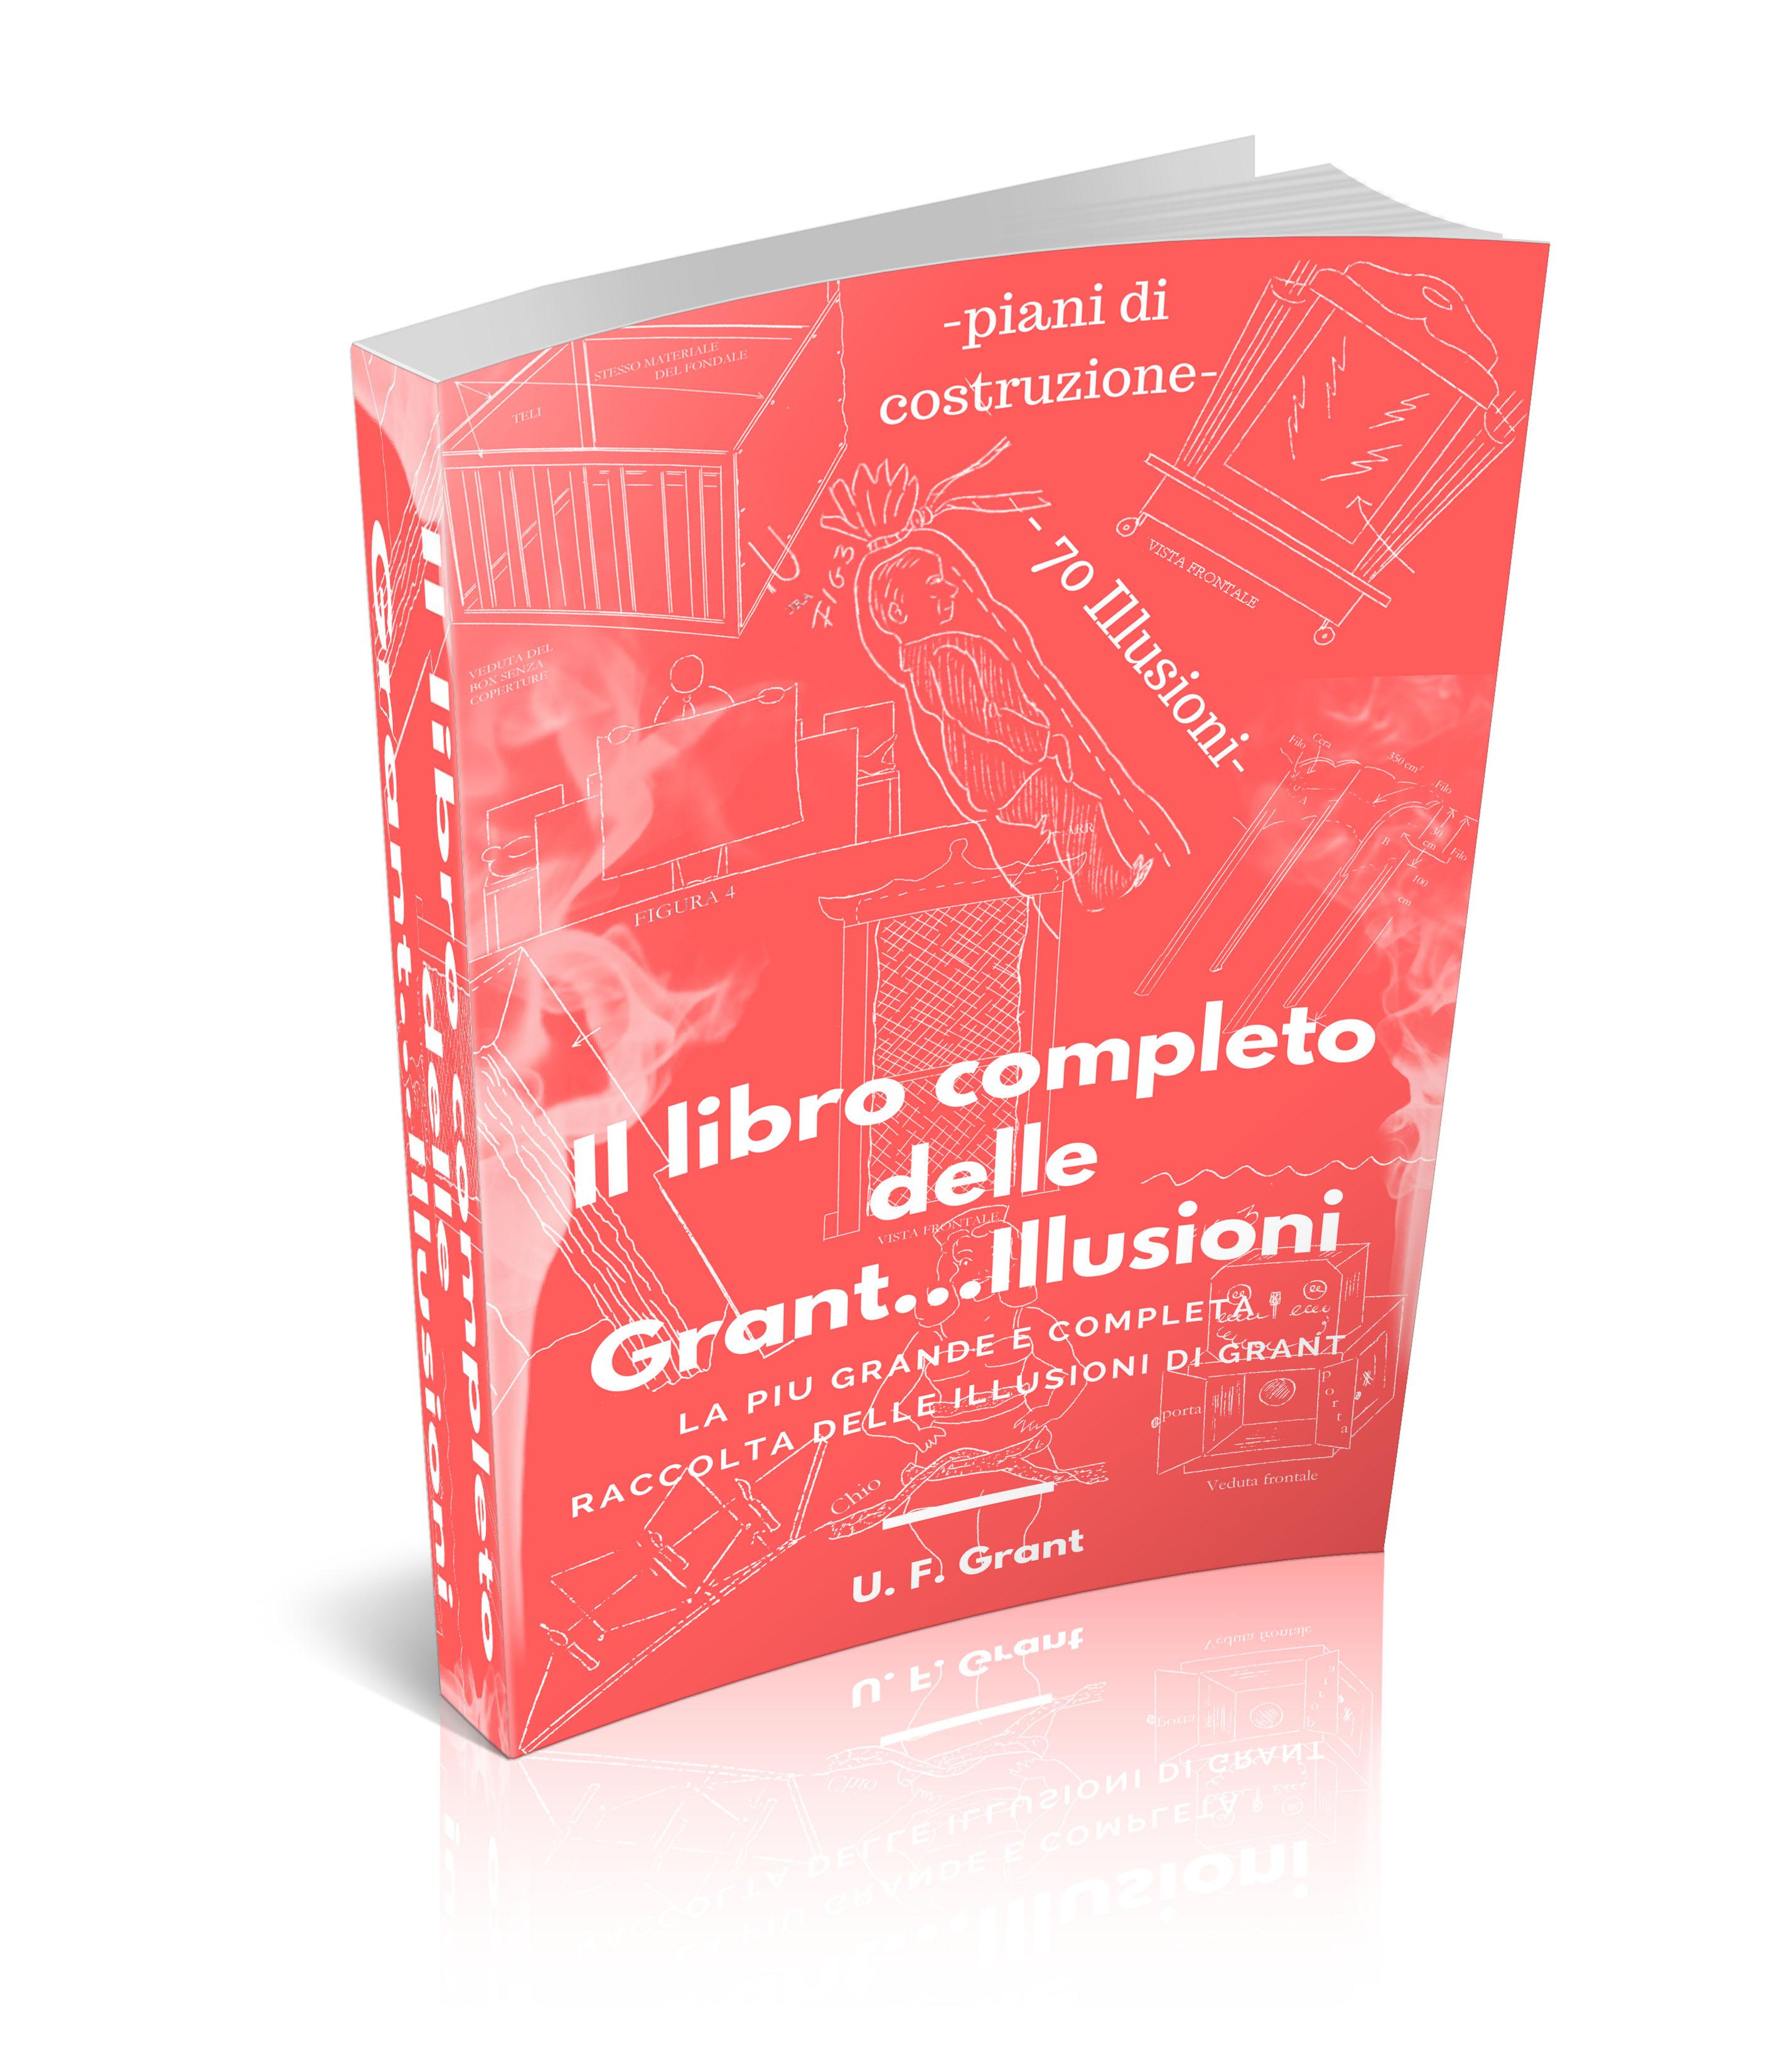 Il libro completo delle Grant…Illusioni